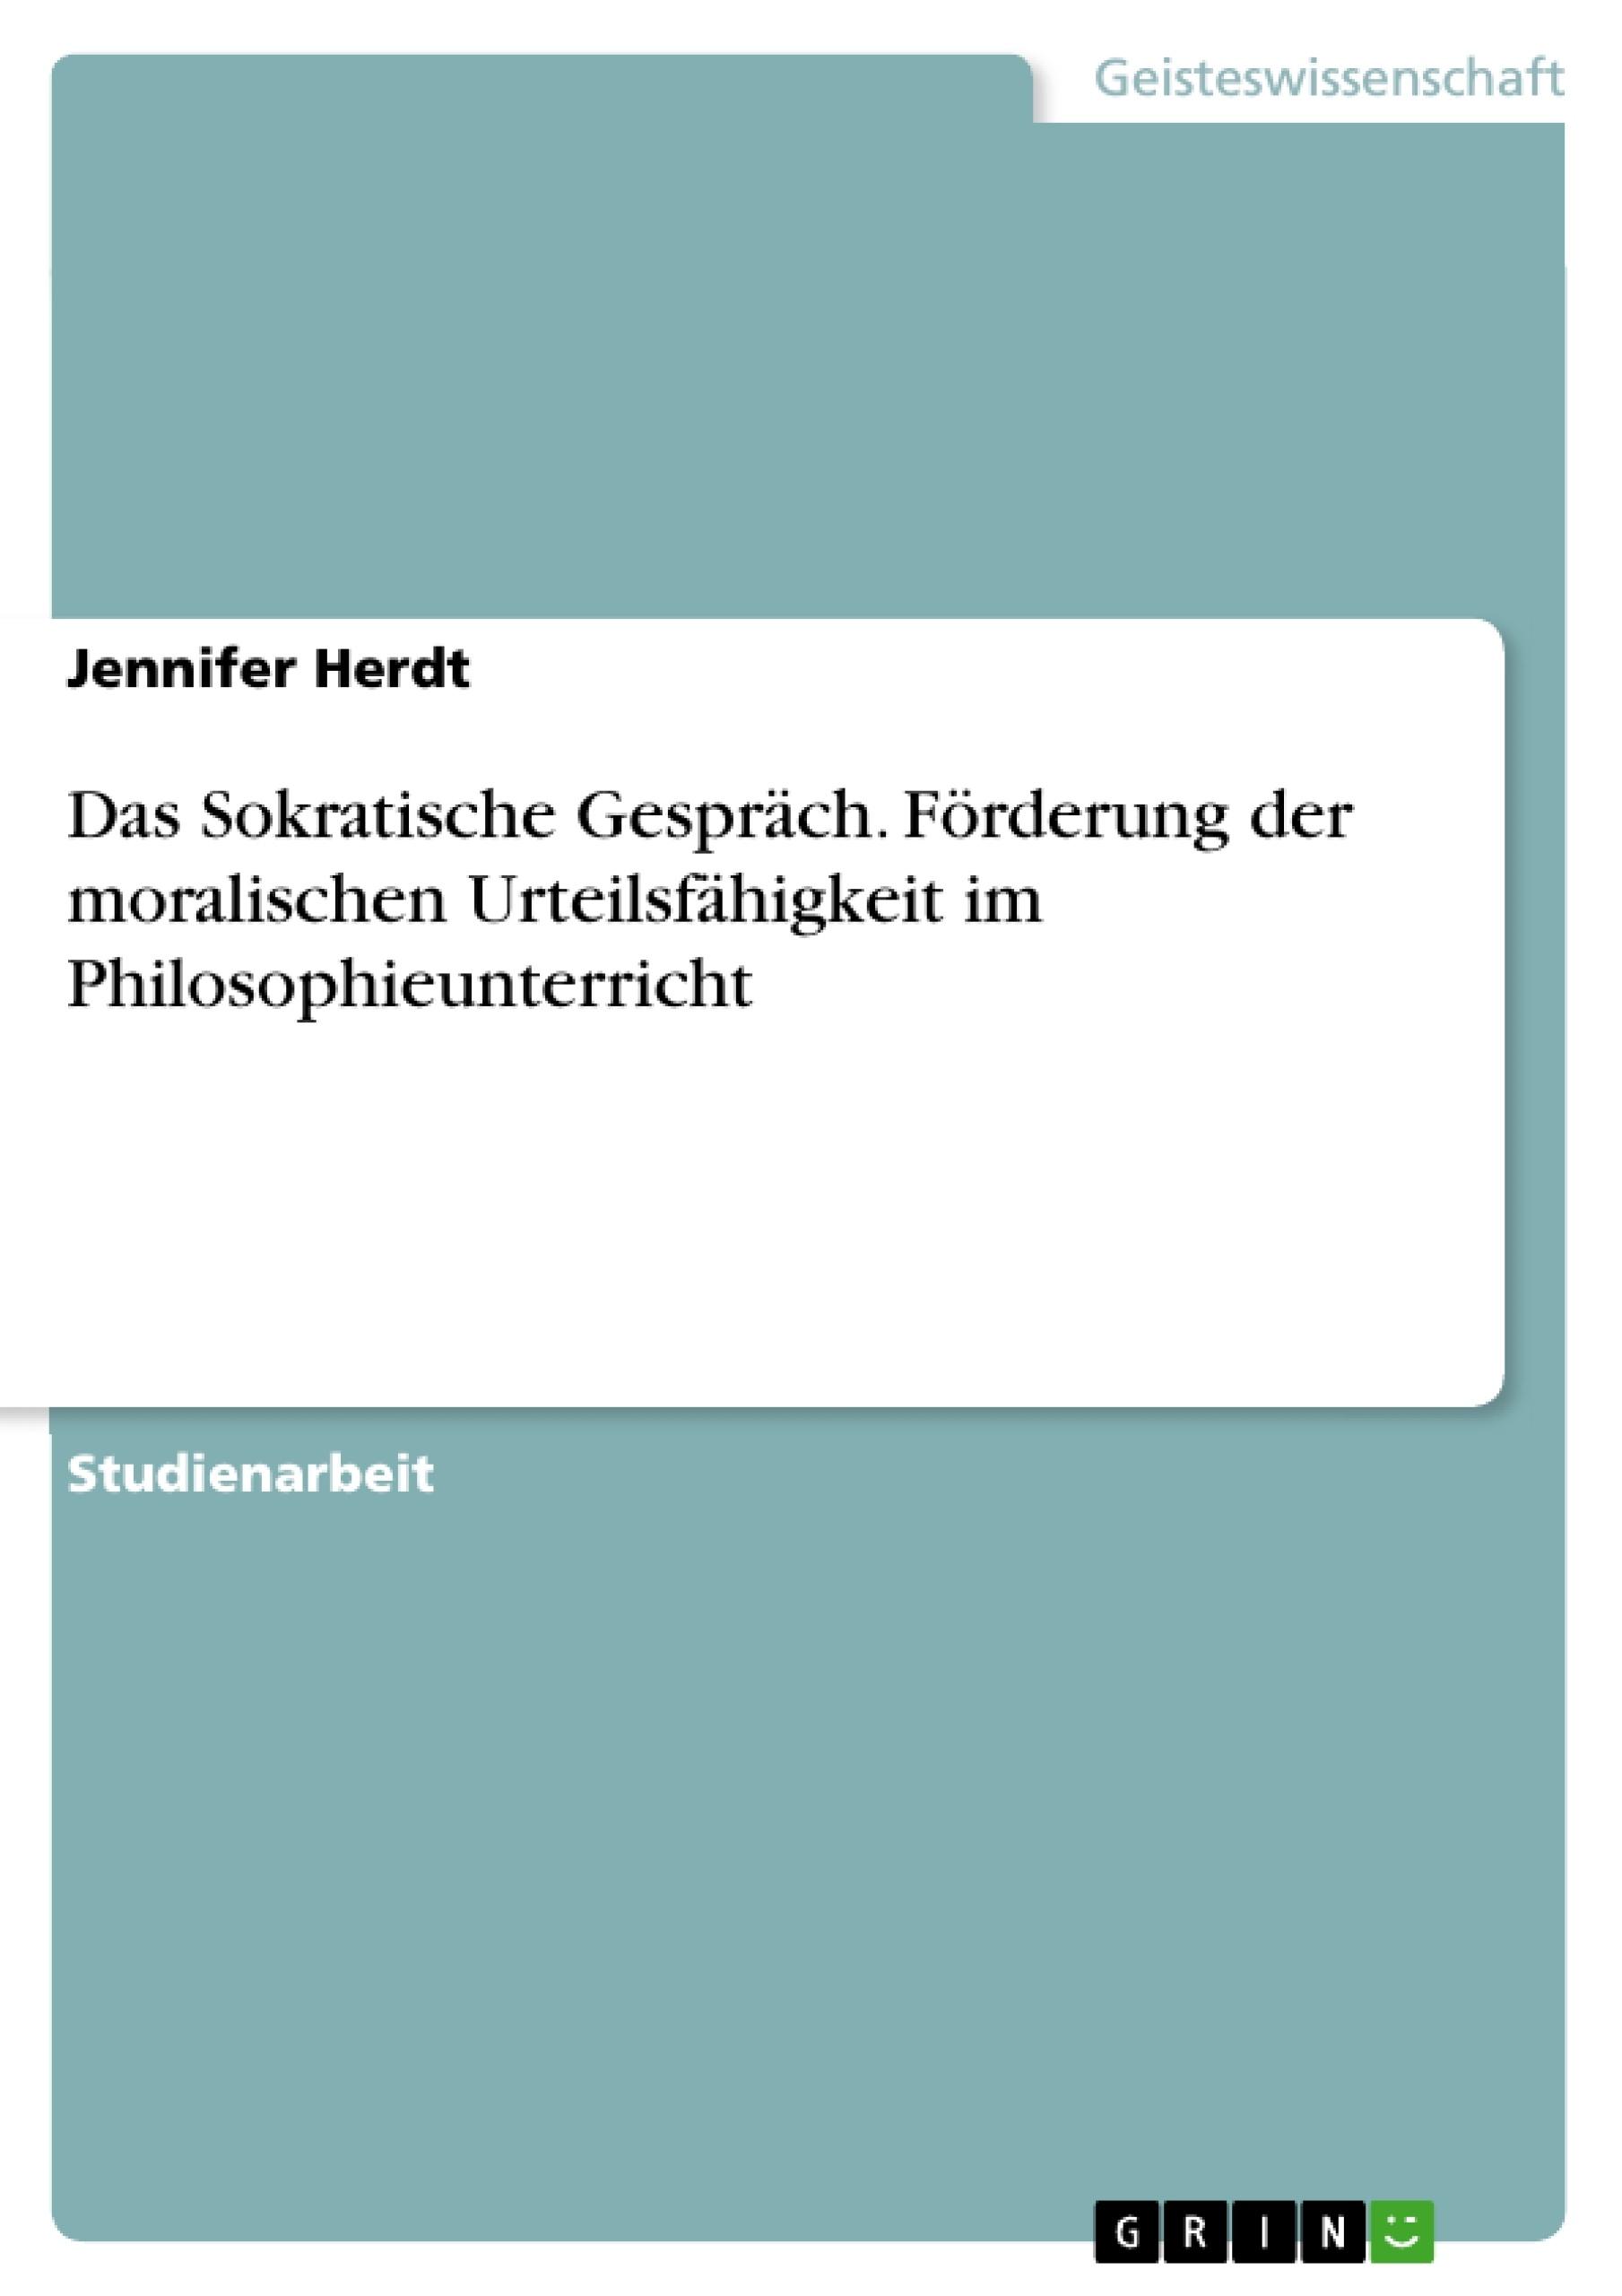 Titel: Das Sokratische Gespräch. Förderung der moralischen Urteilsfähigkeit im Philosophieunterricht